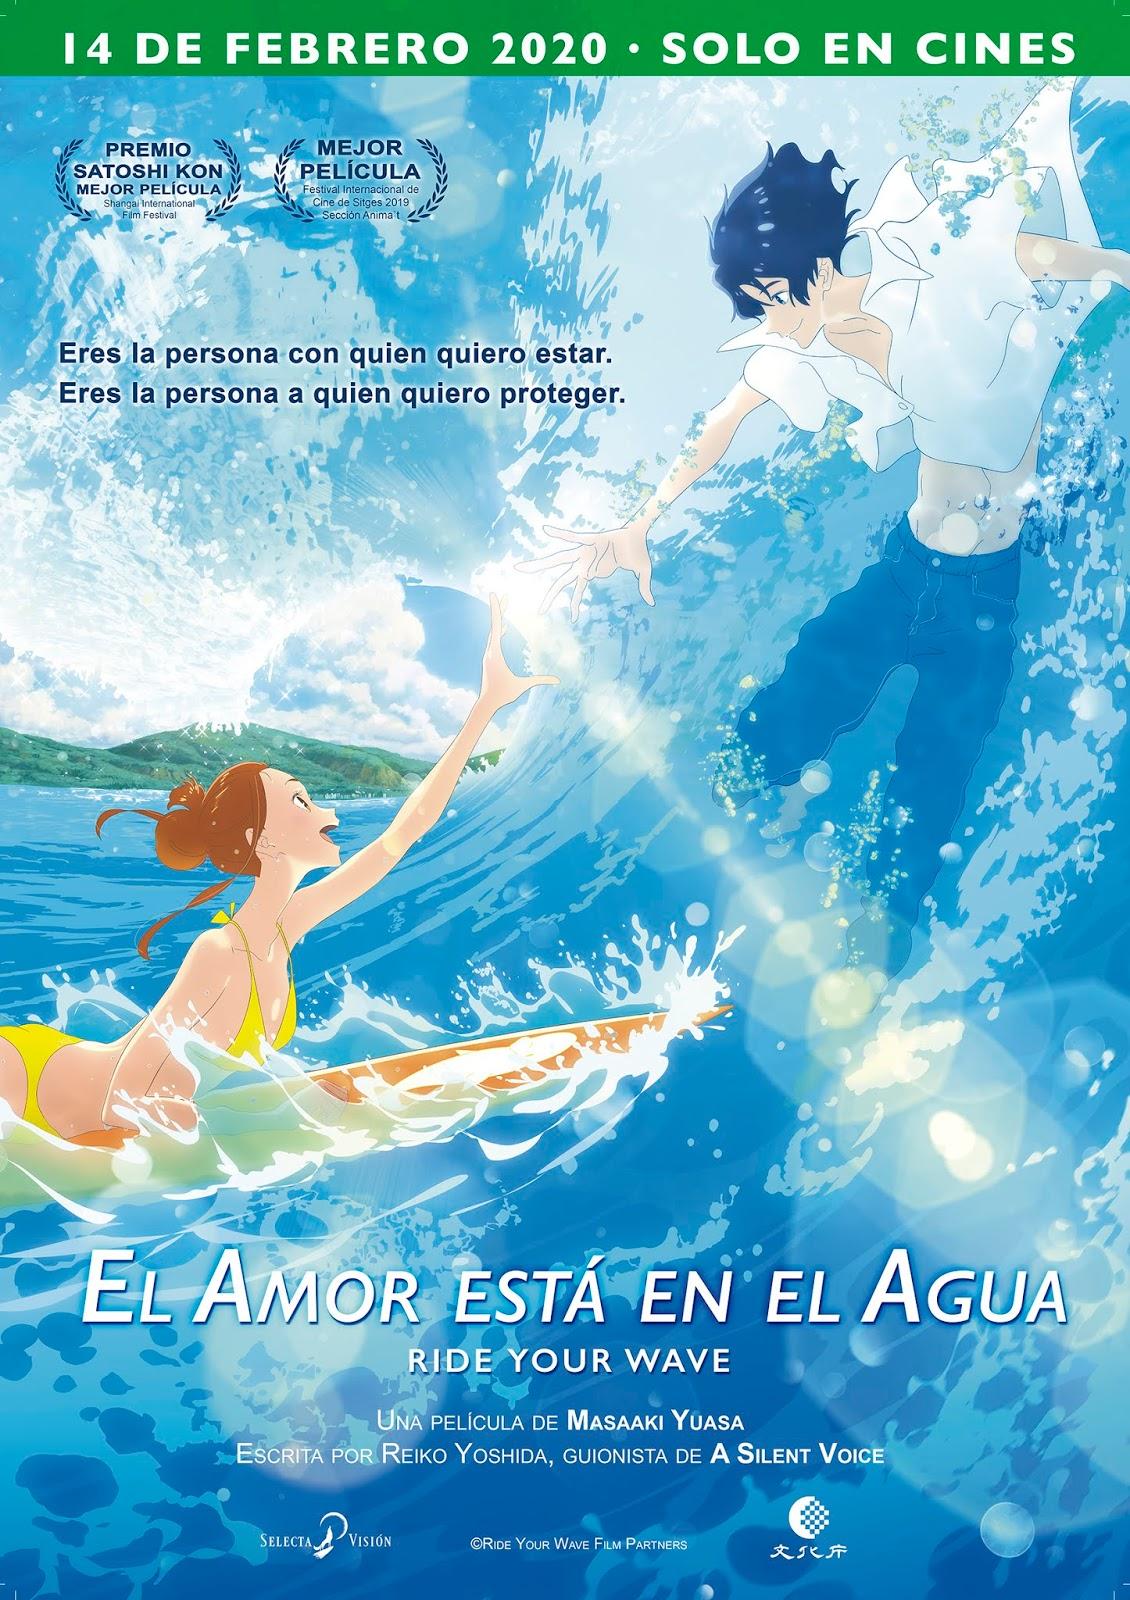 El amor está en el agua (Kimi to, Nami ni Noretara - Ride Your Wave) - Masaaki Yuasa - Selecta Visión